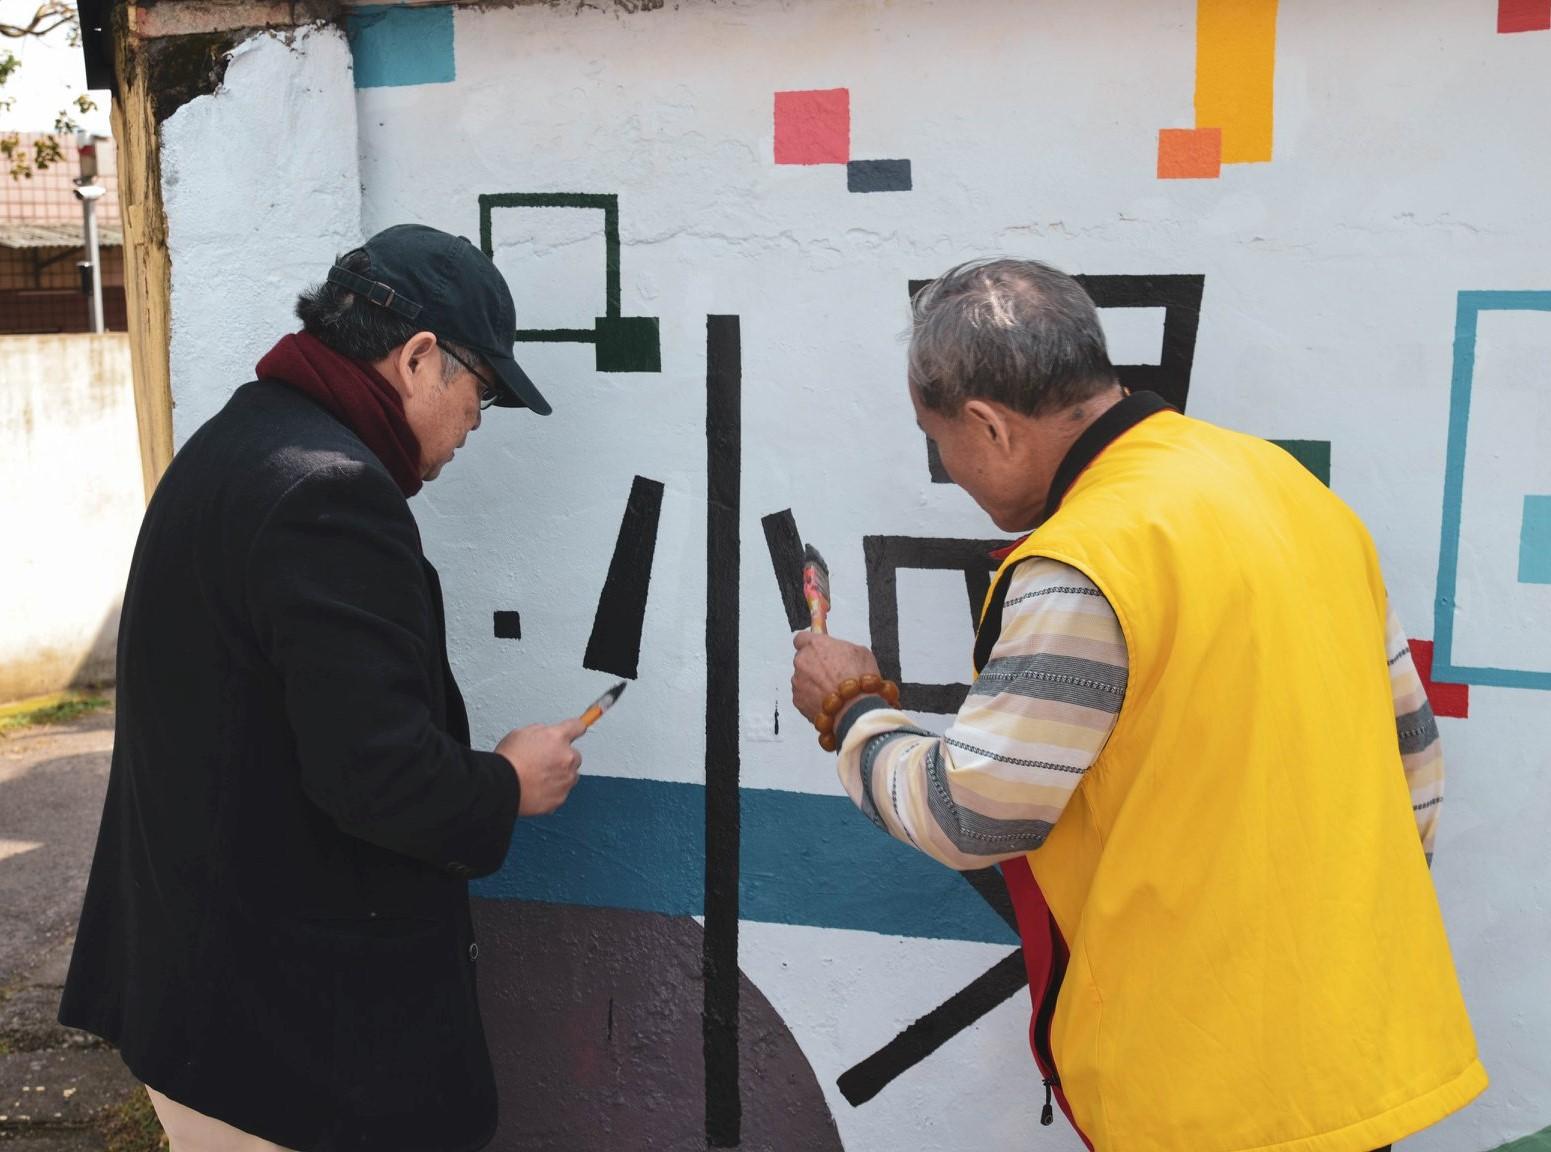 中原大學帶領大小朋友一起參與家園美化,在新的一年帶給竹霄、金城社區嶄新樣貌及色彩.jpg